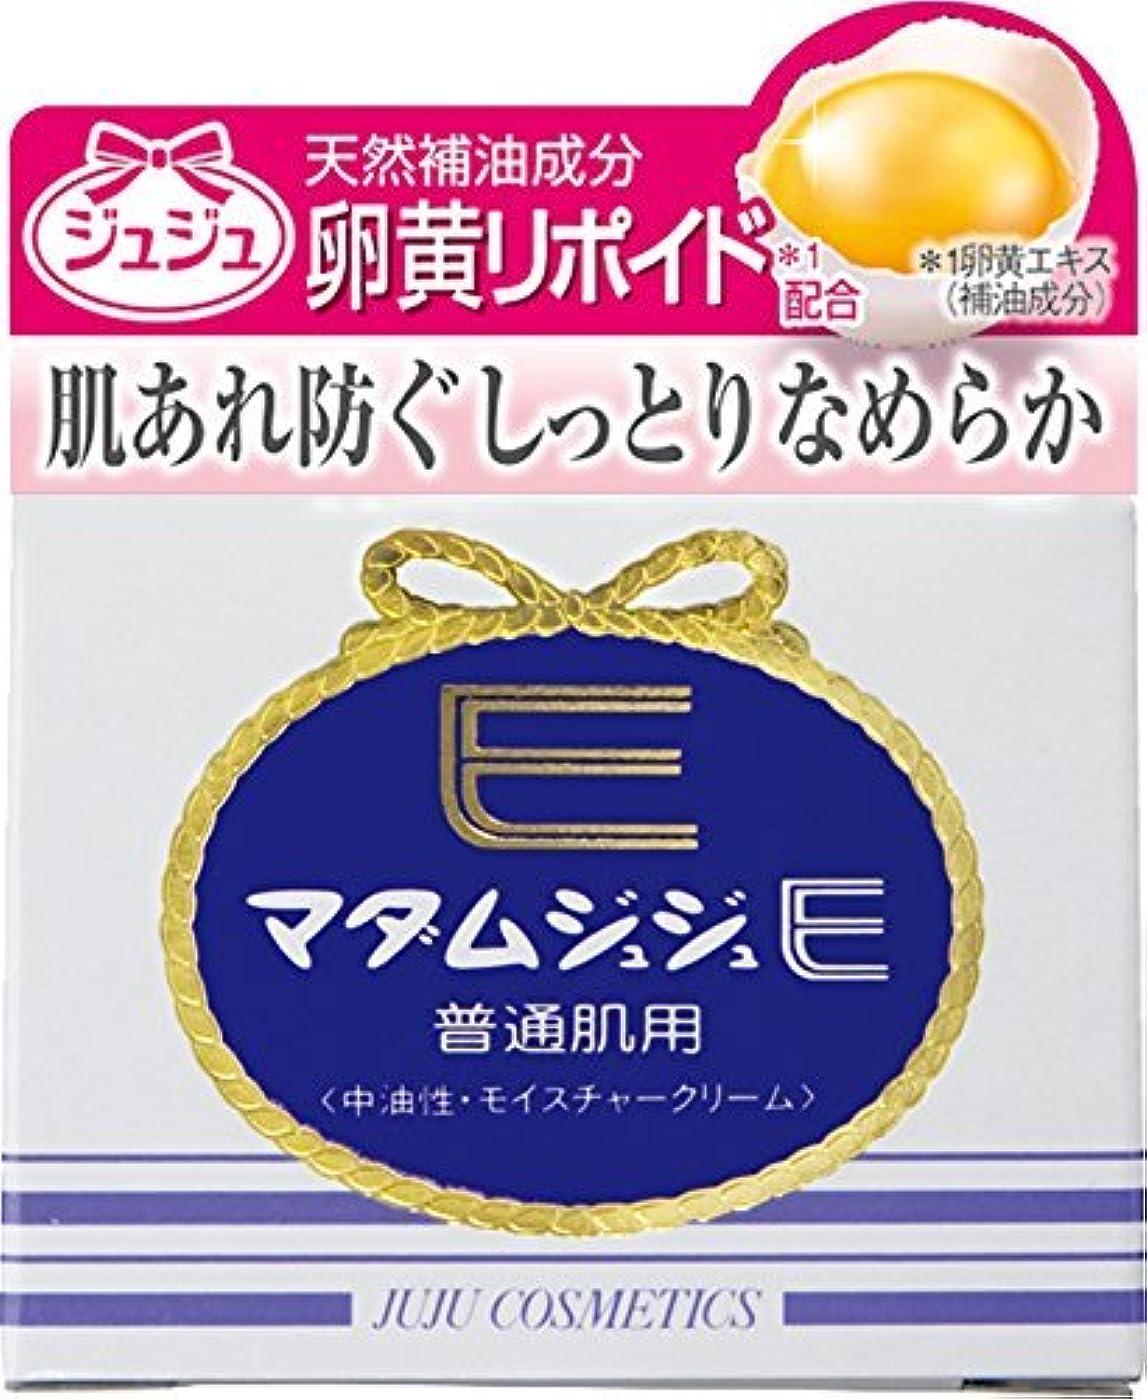 フィールド見つける貼り直すマダムジュジュE クリーム ビタミンE+卵黄リポイド配合 52g